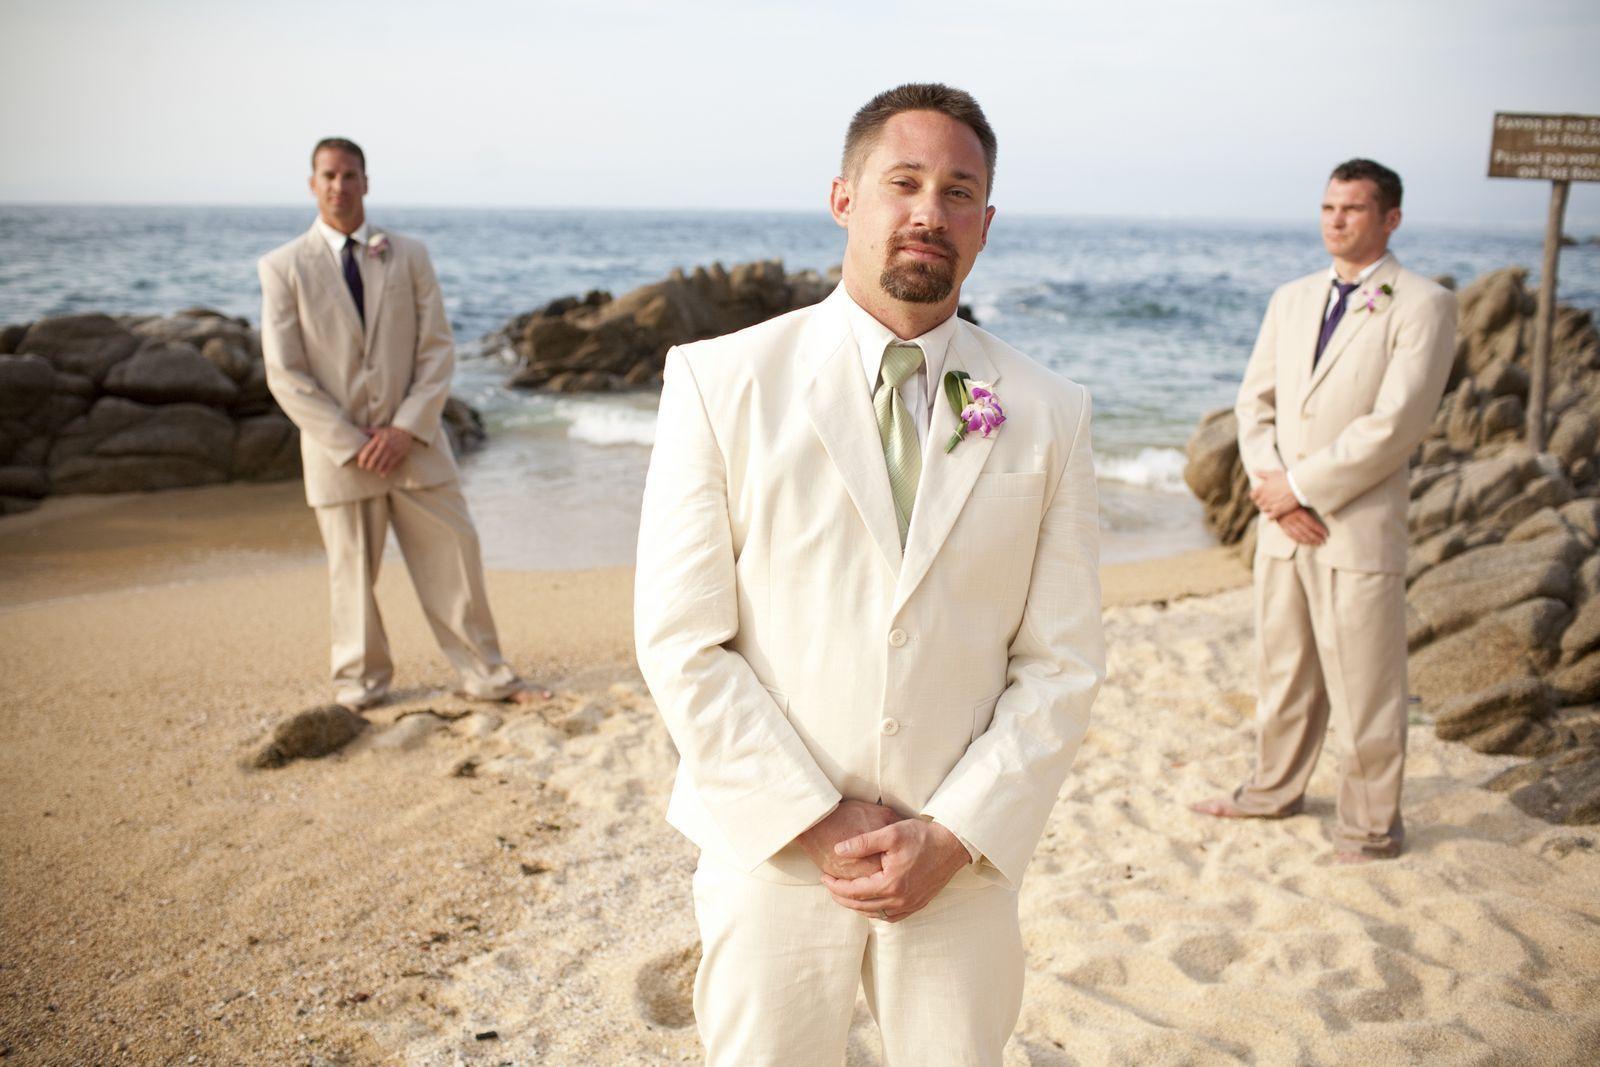 Linen Suits for Men Beach Wedding | Sand & Sea wedding | Pinterest ...